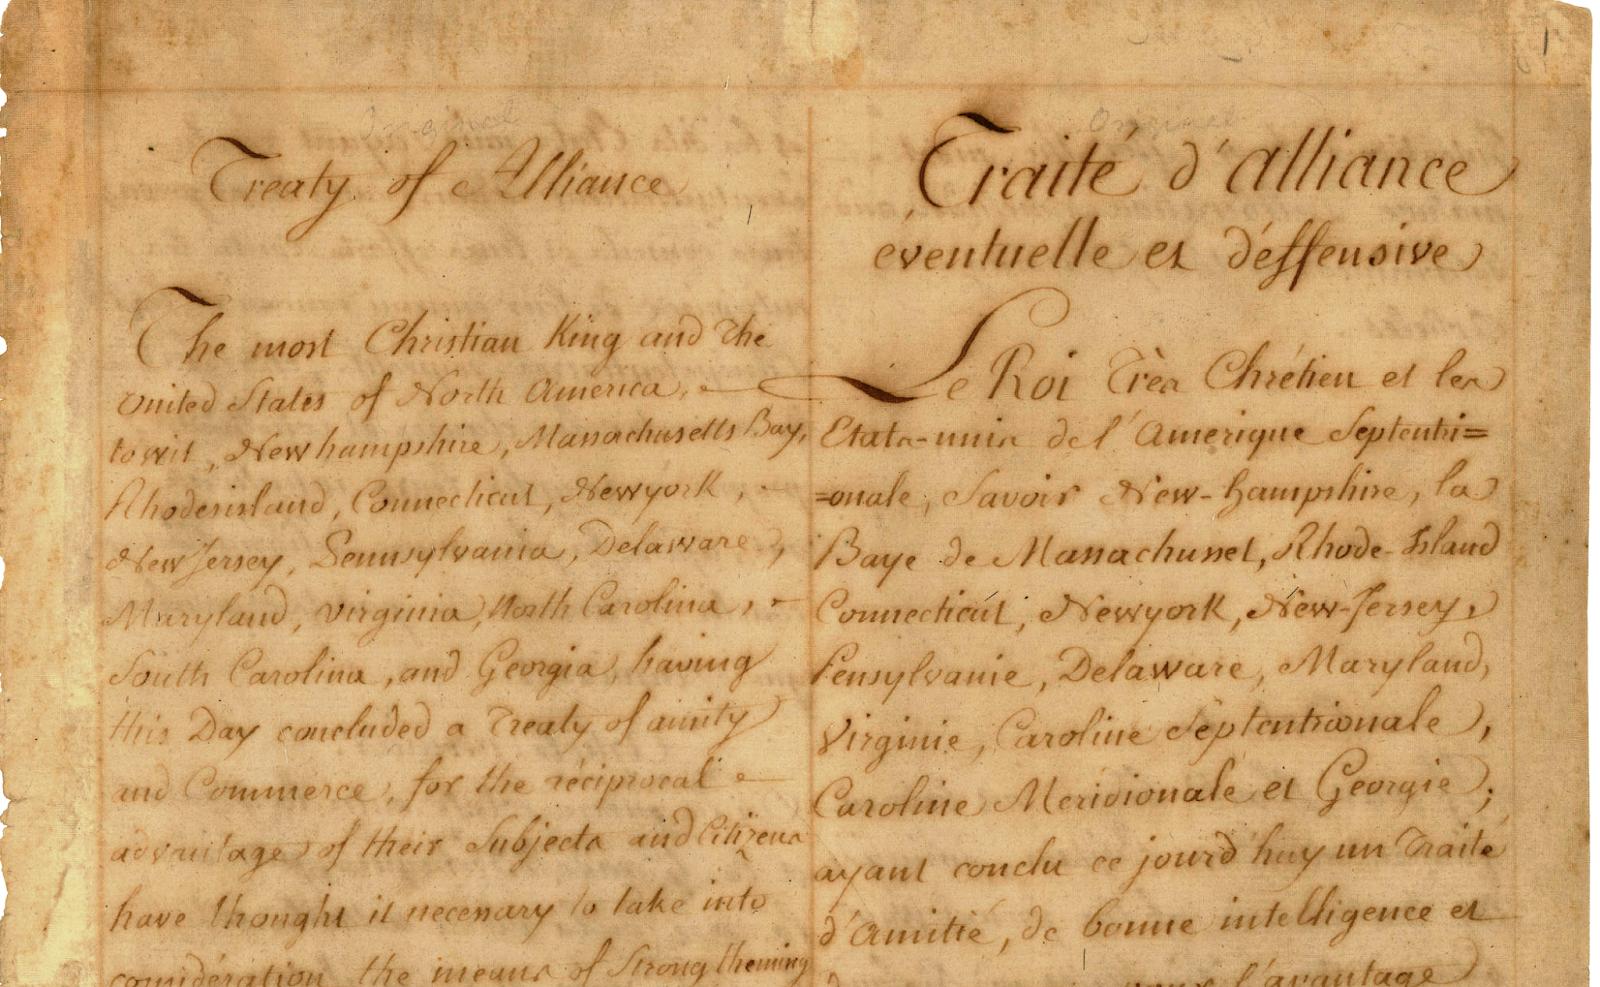 Treaty of amity and commerce treaty of alliance